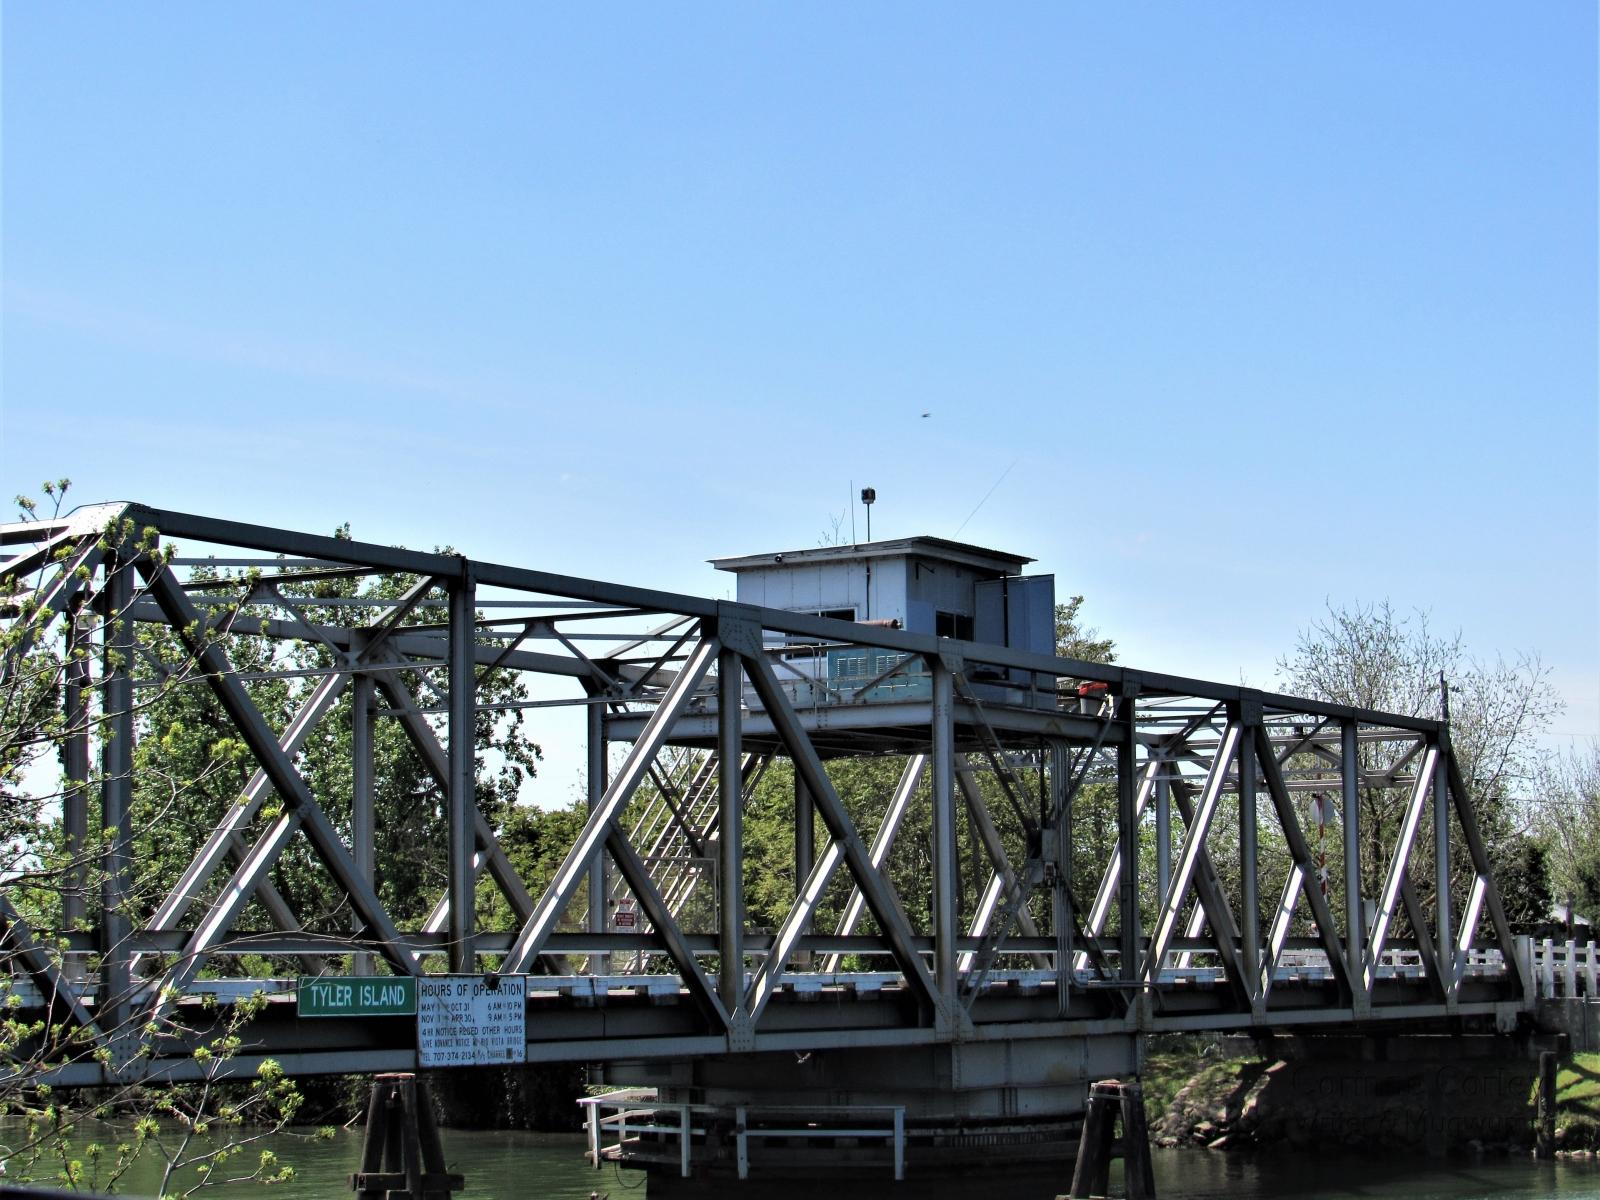 Tyler-Island-Bridge